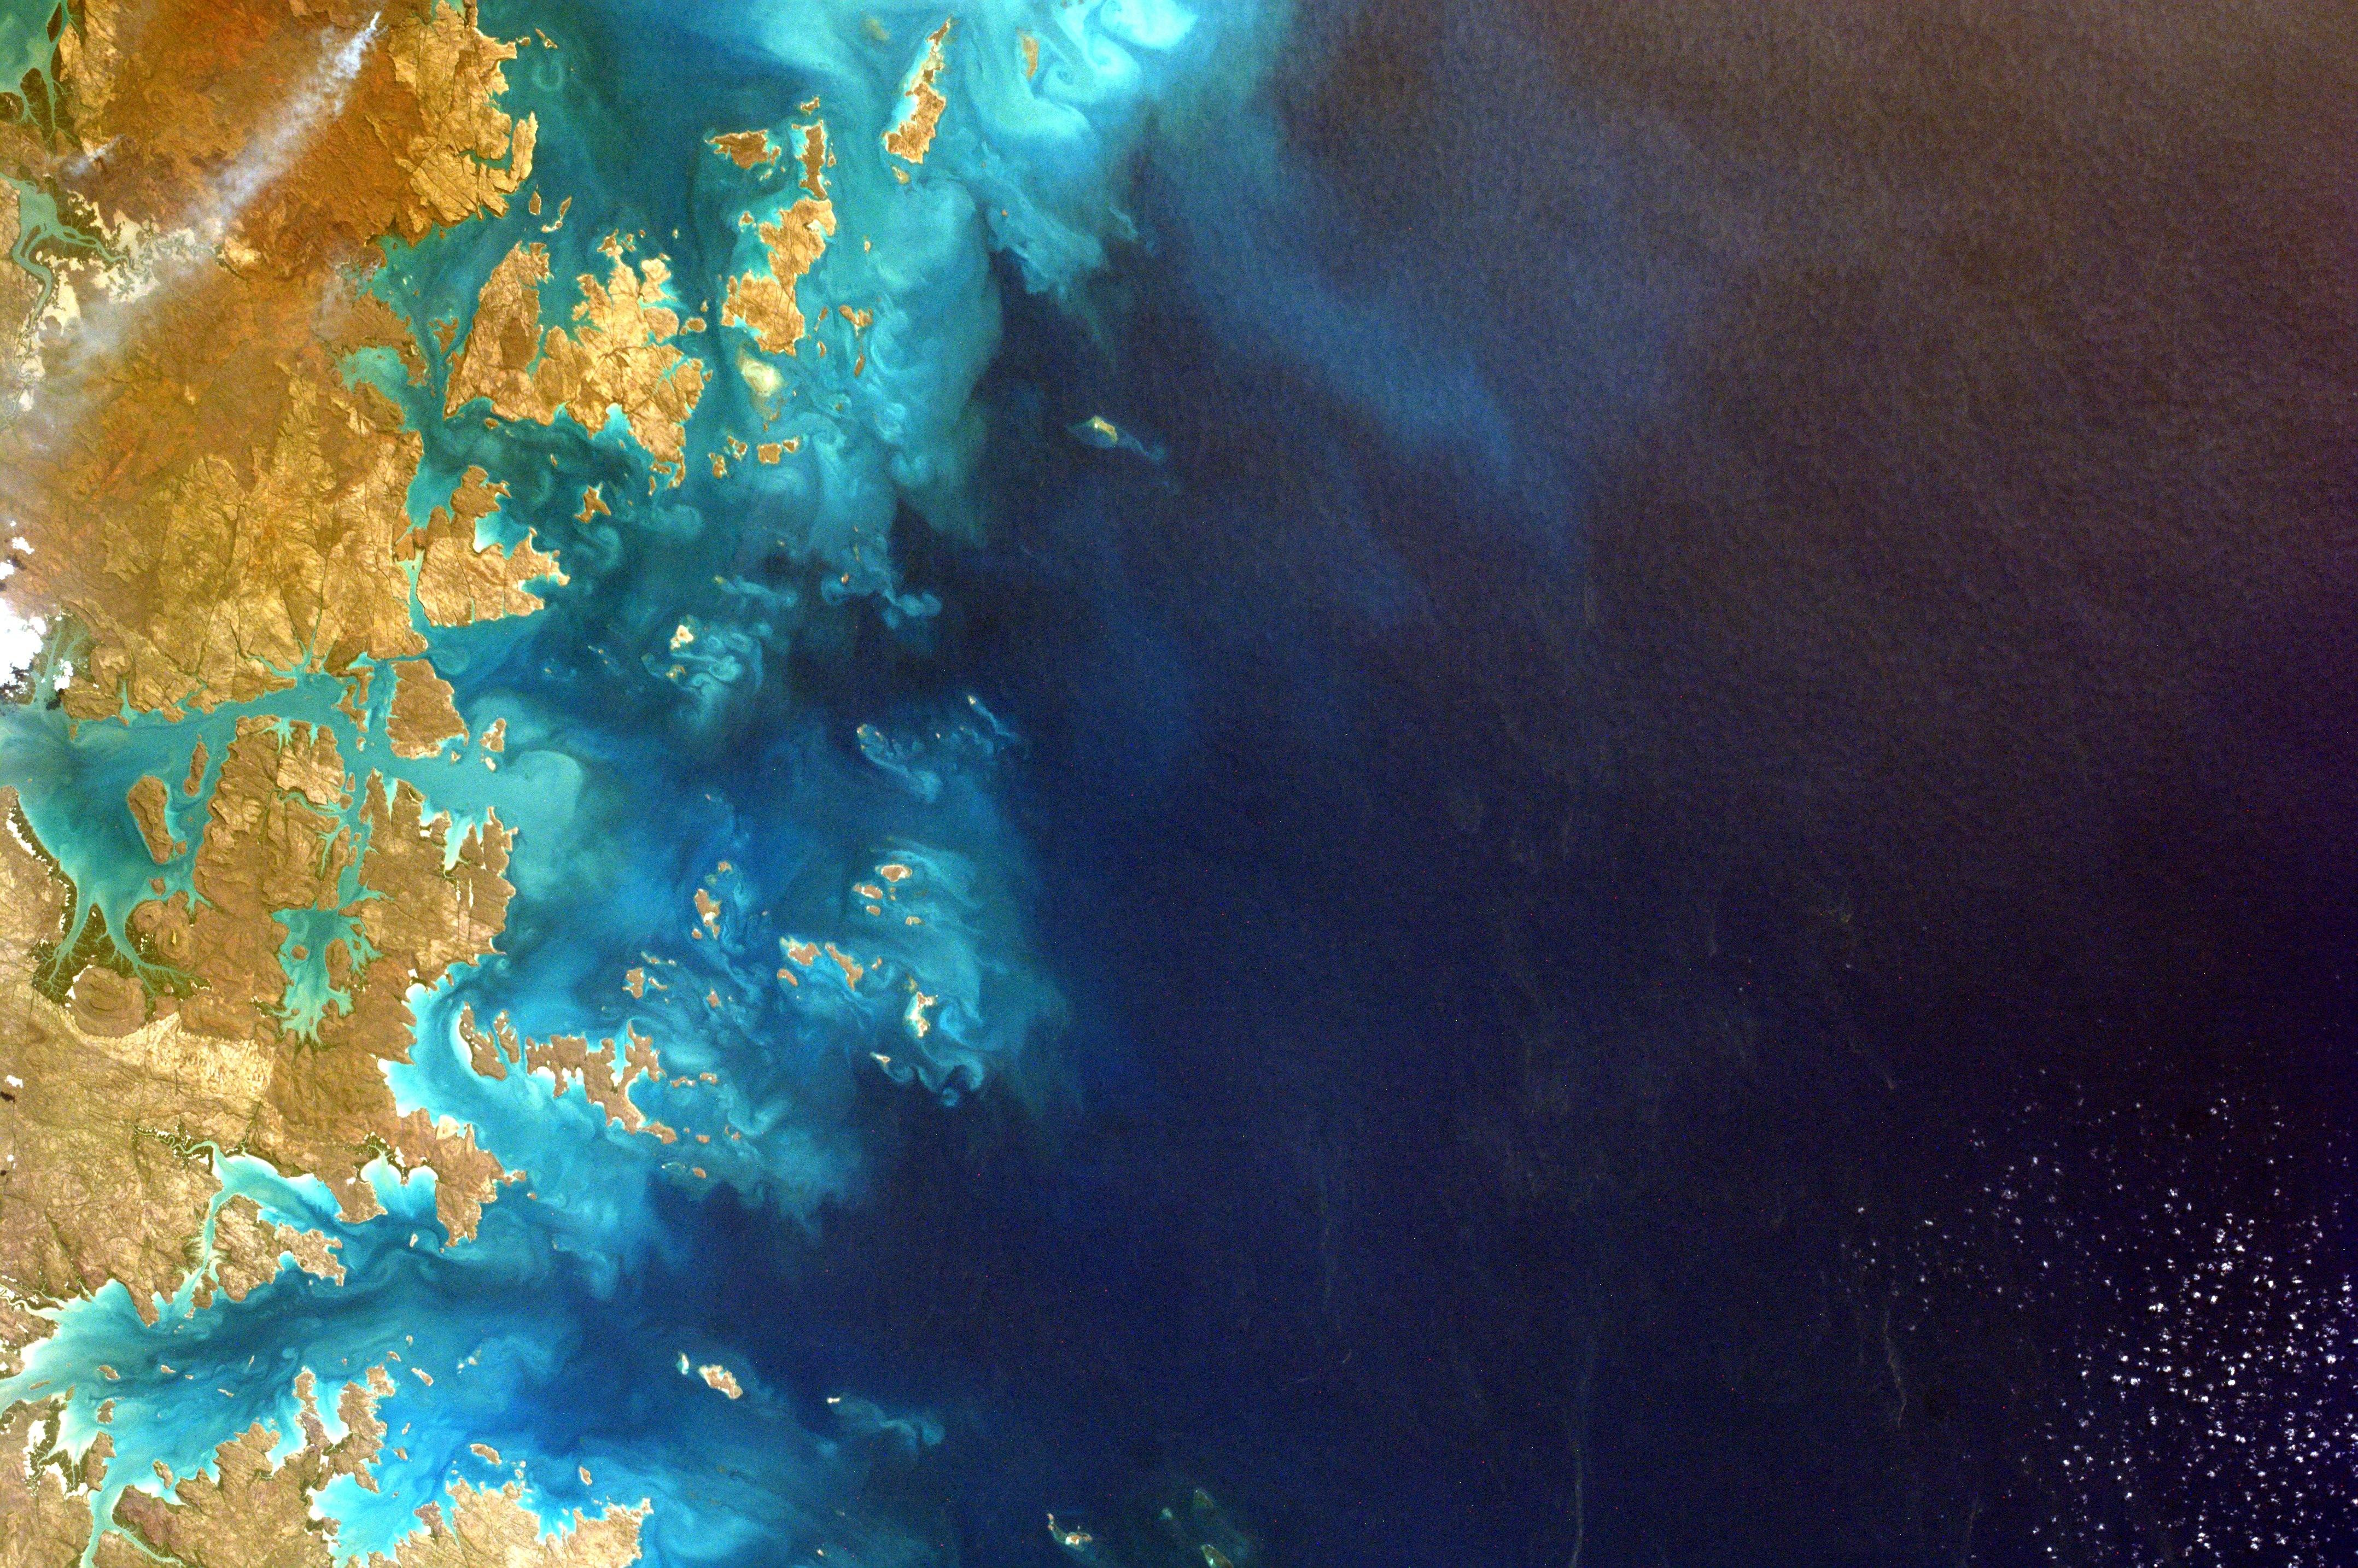 satellite photos, photo, satellite, ocean, earth, planet